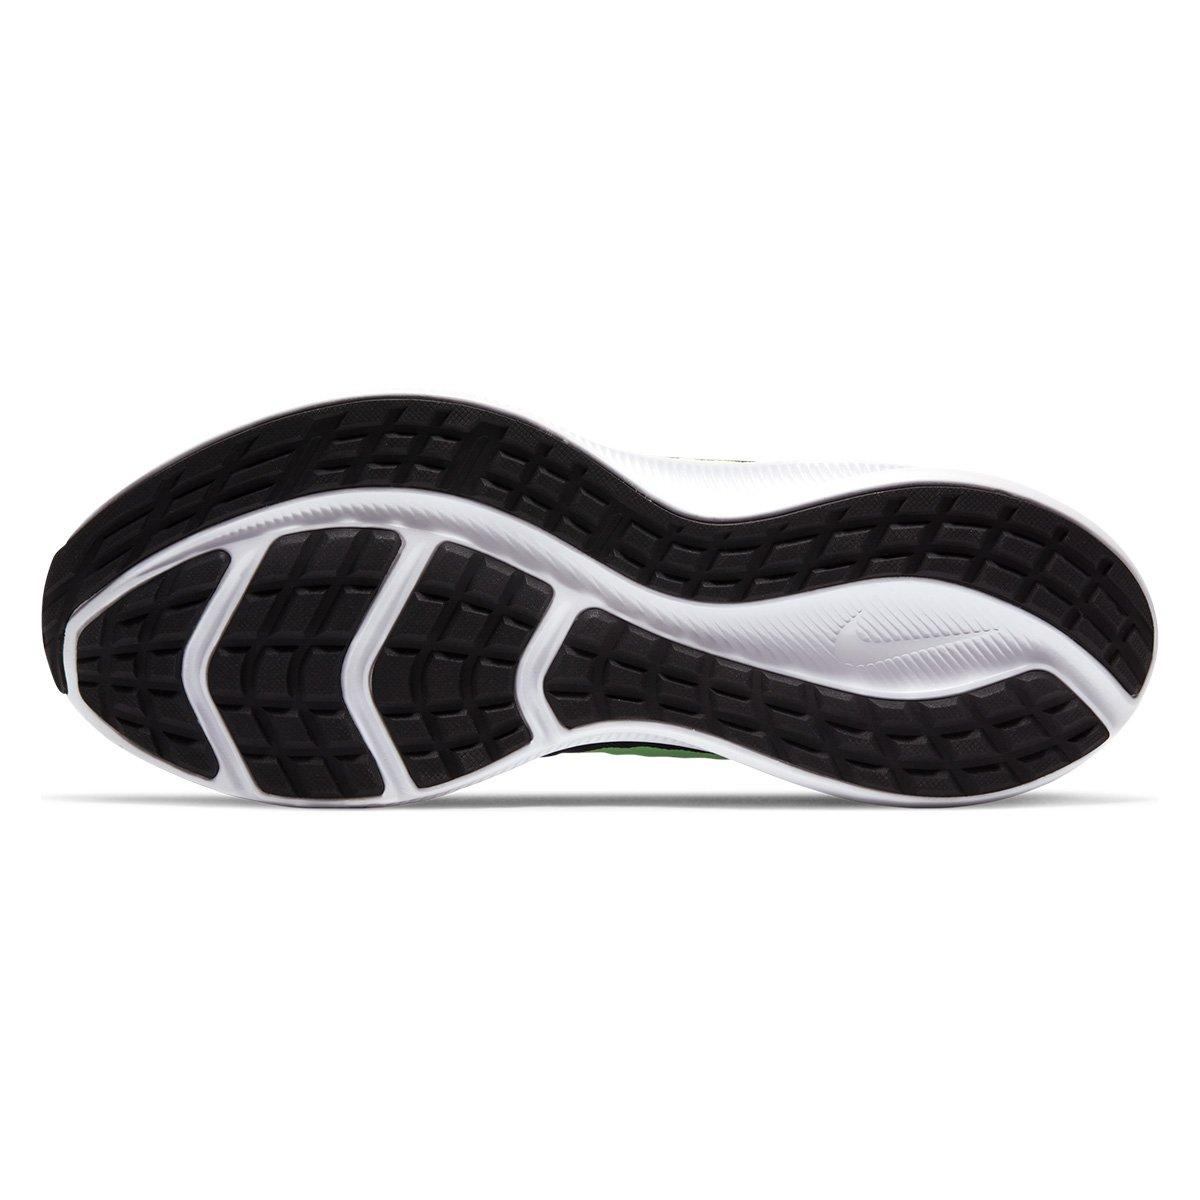 Tênis Nike Downshifter 10 Marinho e Verde Limão - Masculino